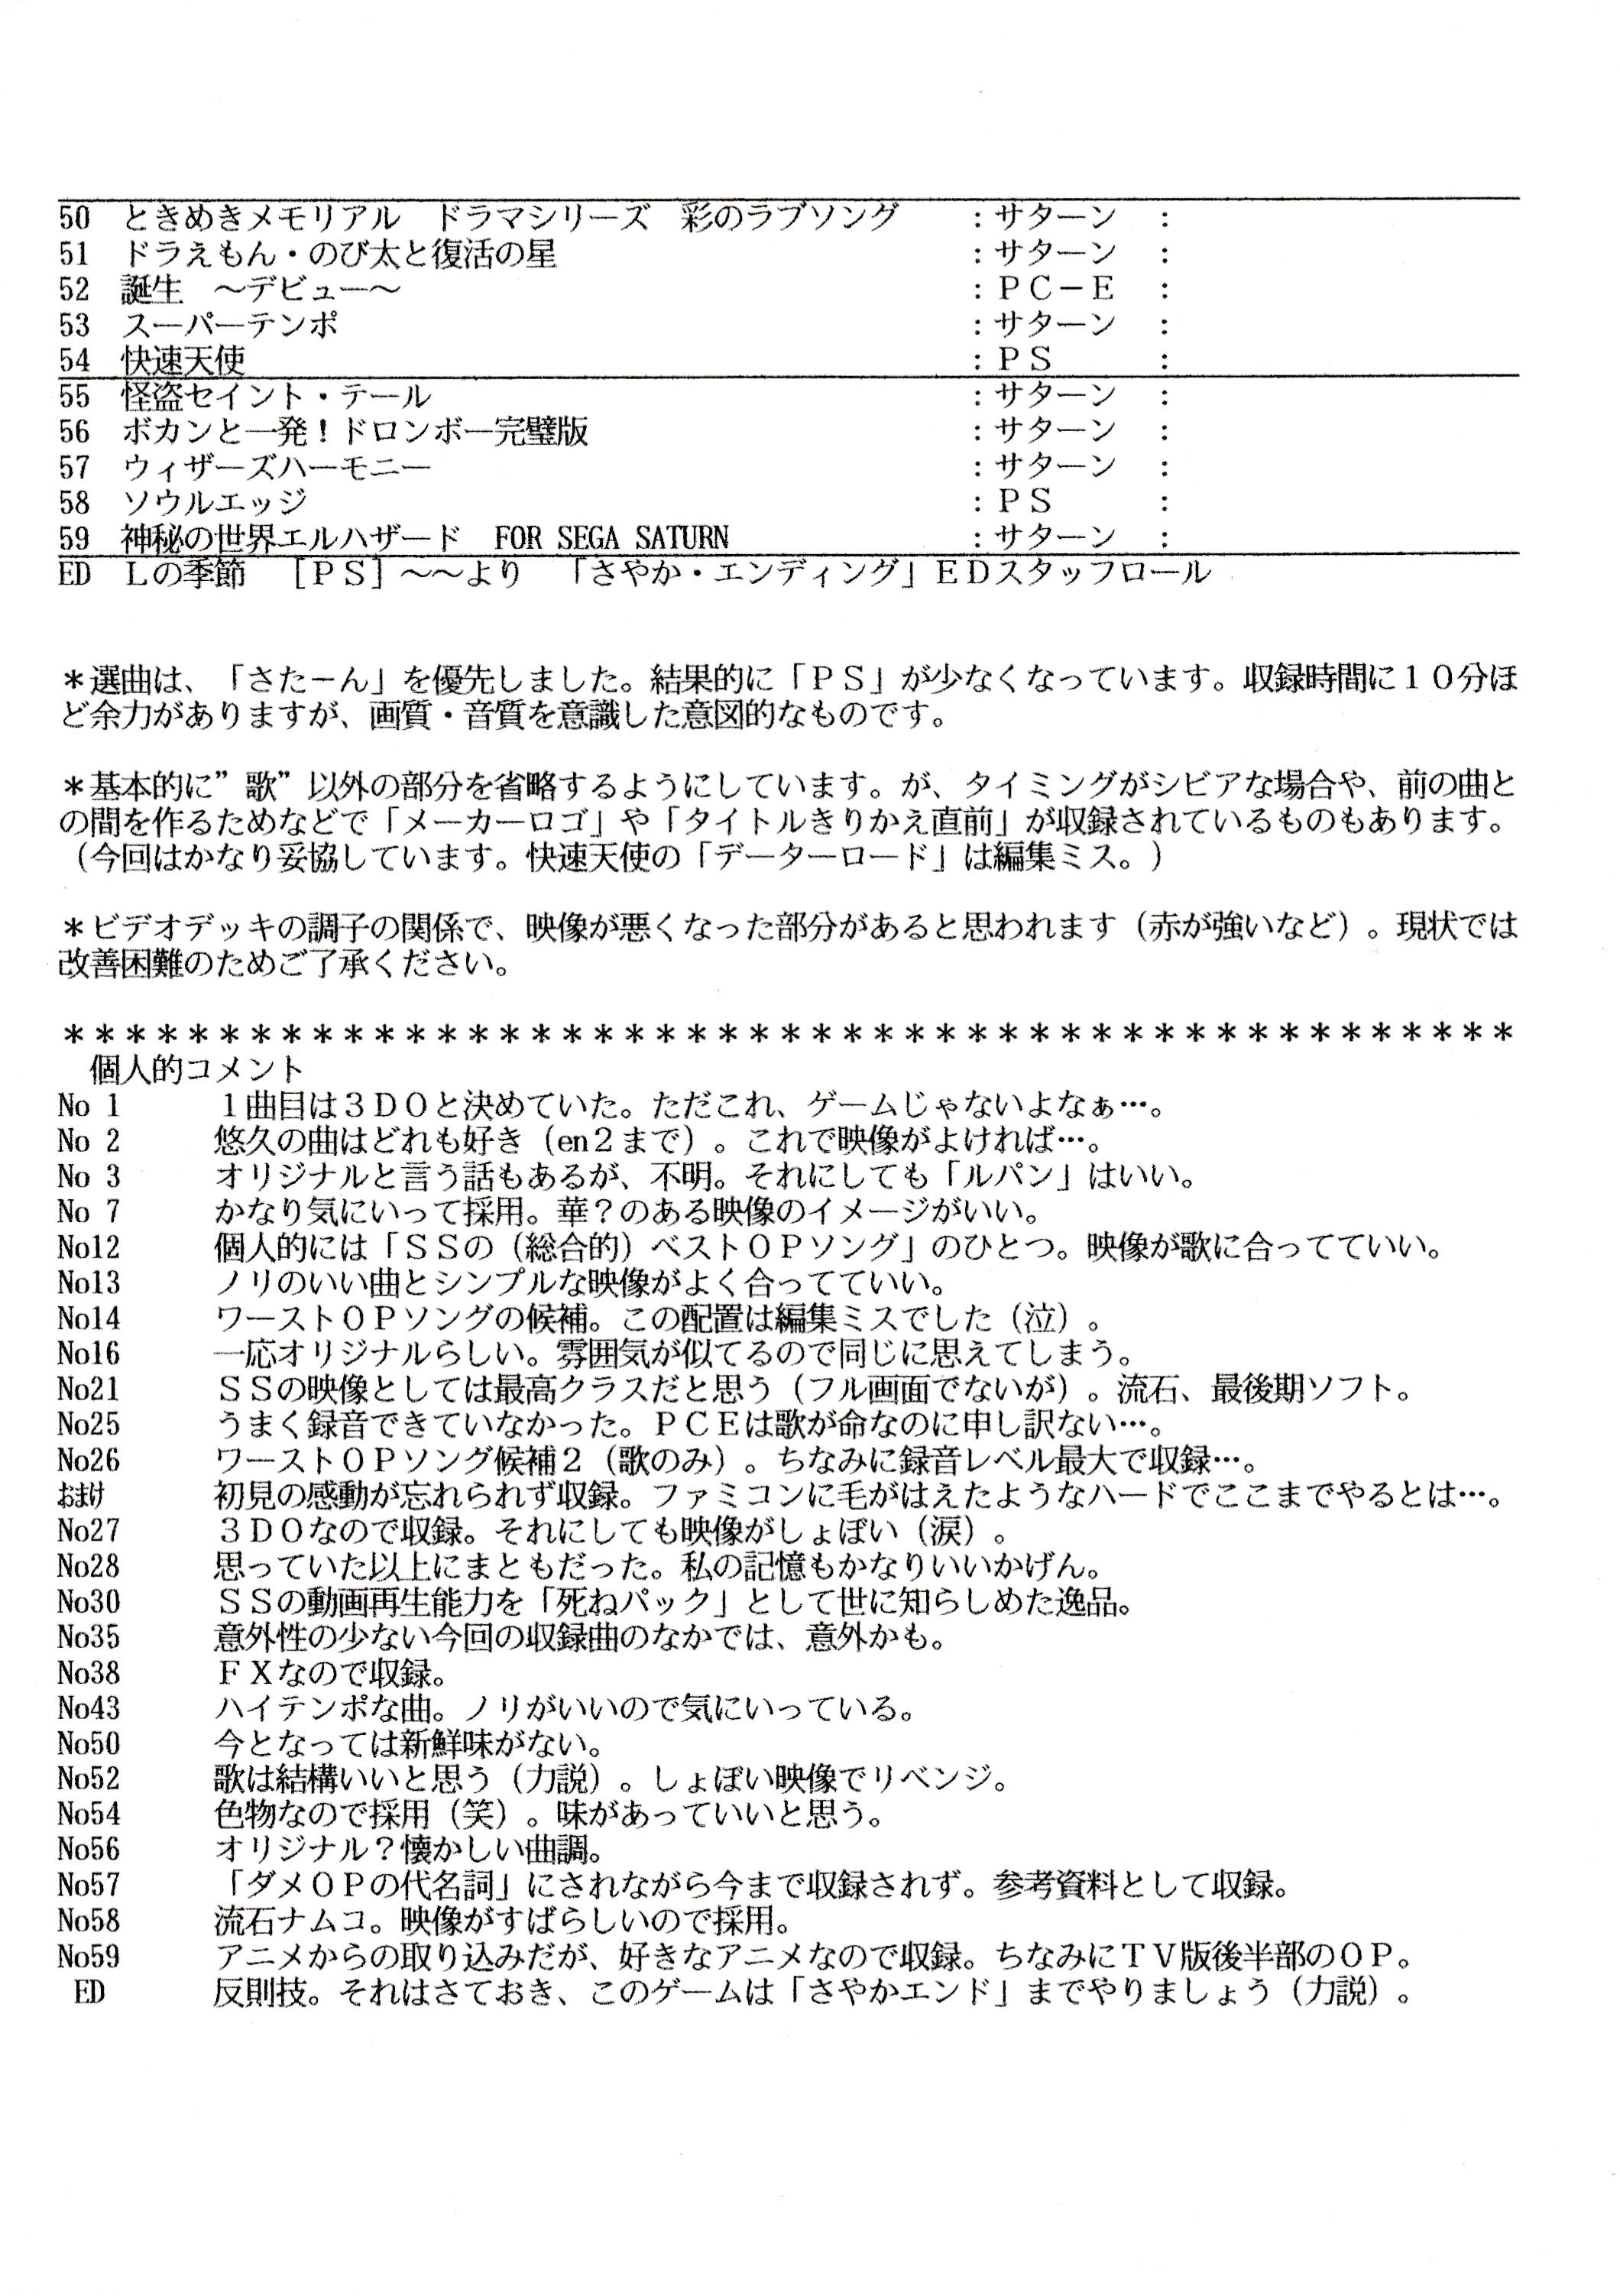 op4_2.jpg